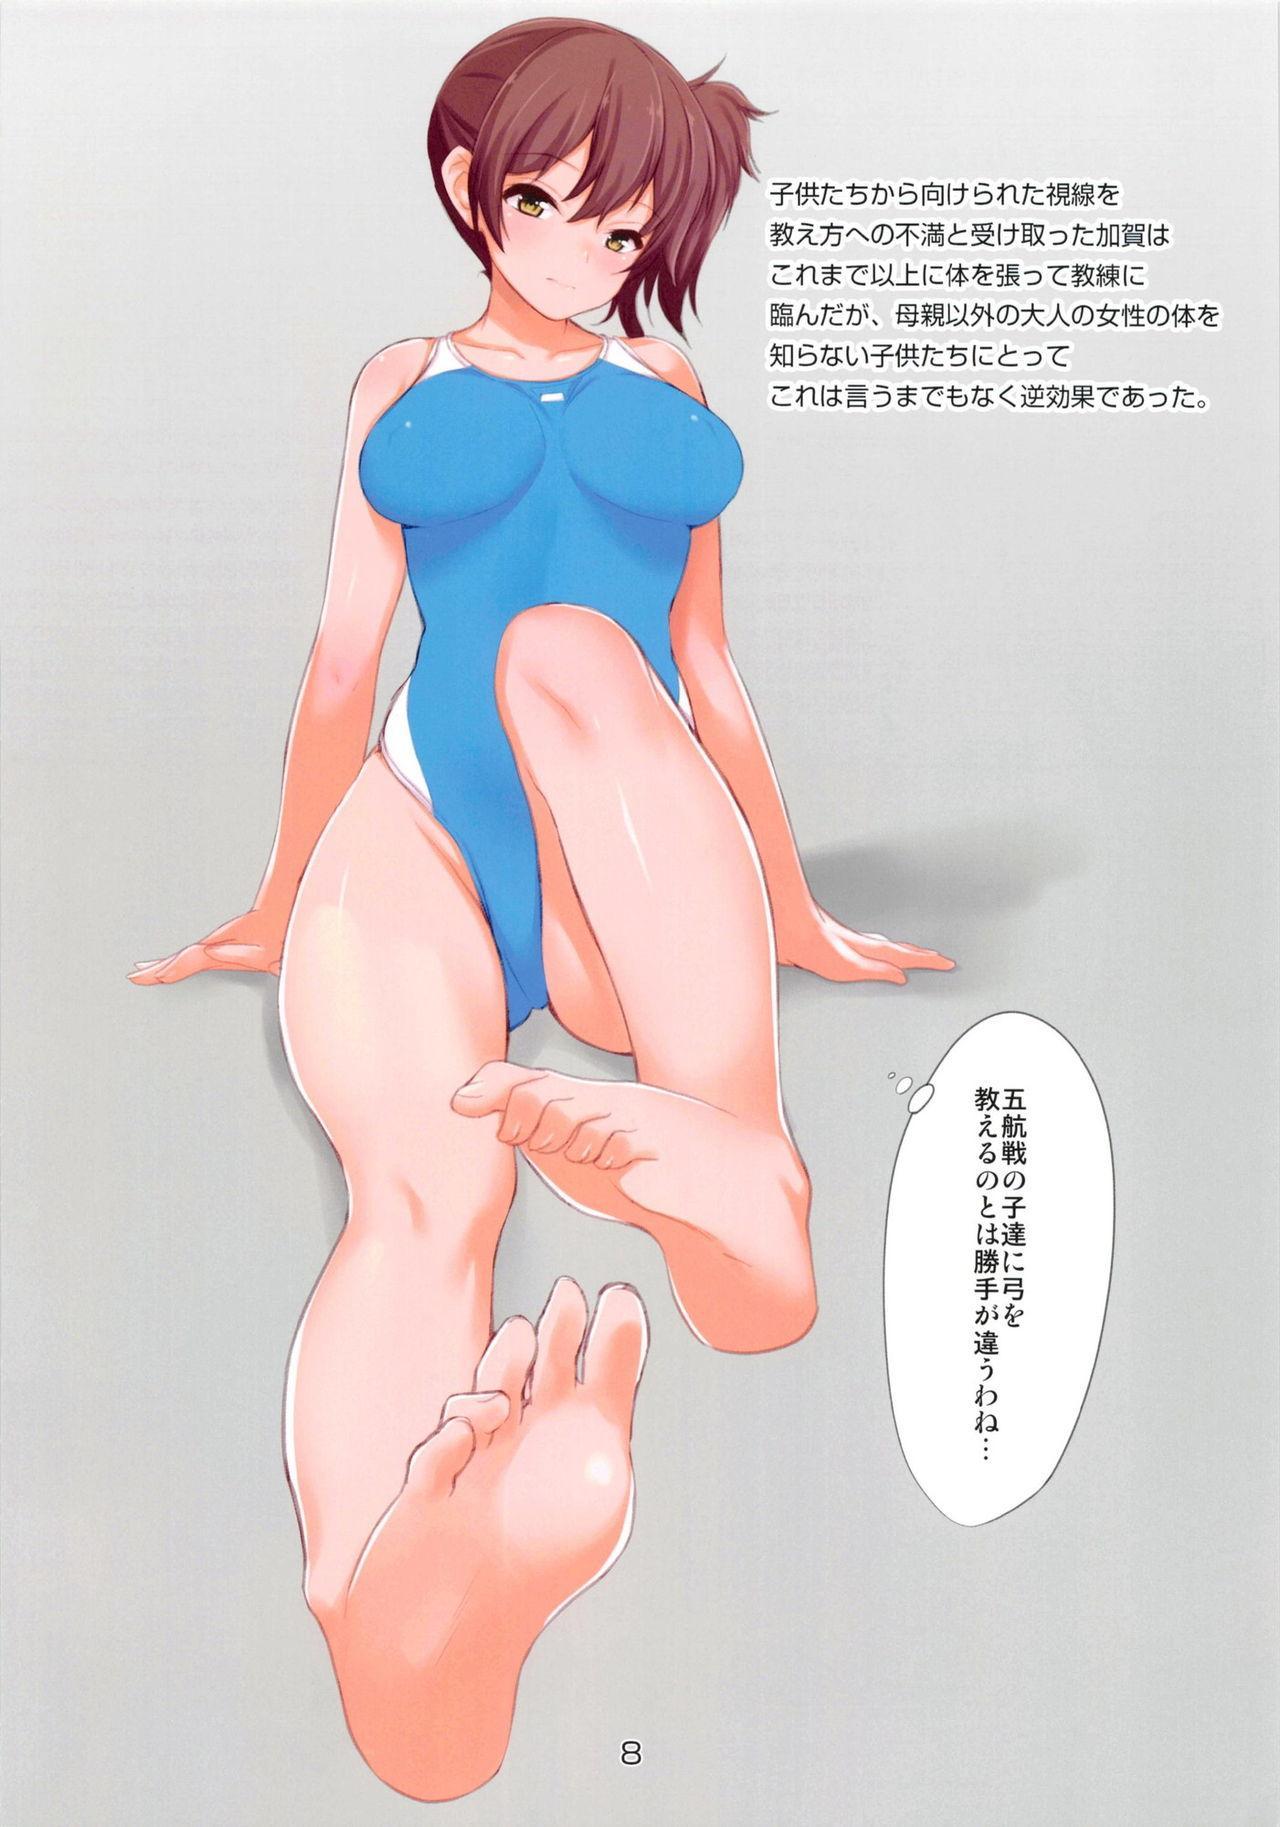 Kaga-san ni Mizugi o Kisete Areyakoreyasuru Hon 8